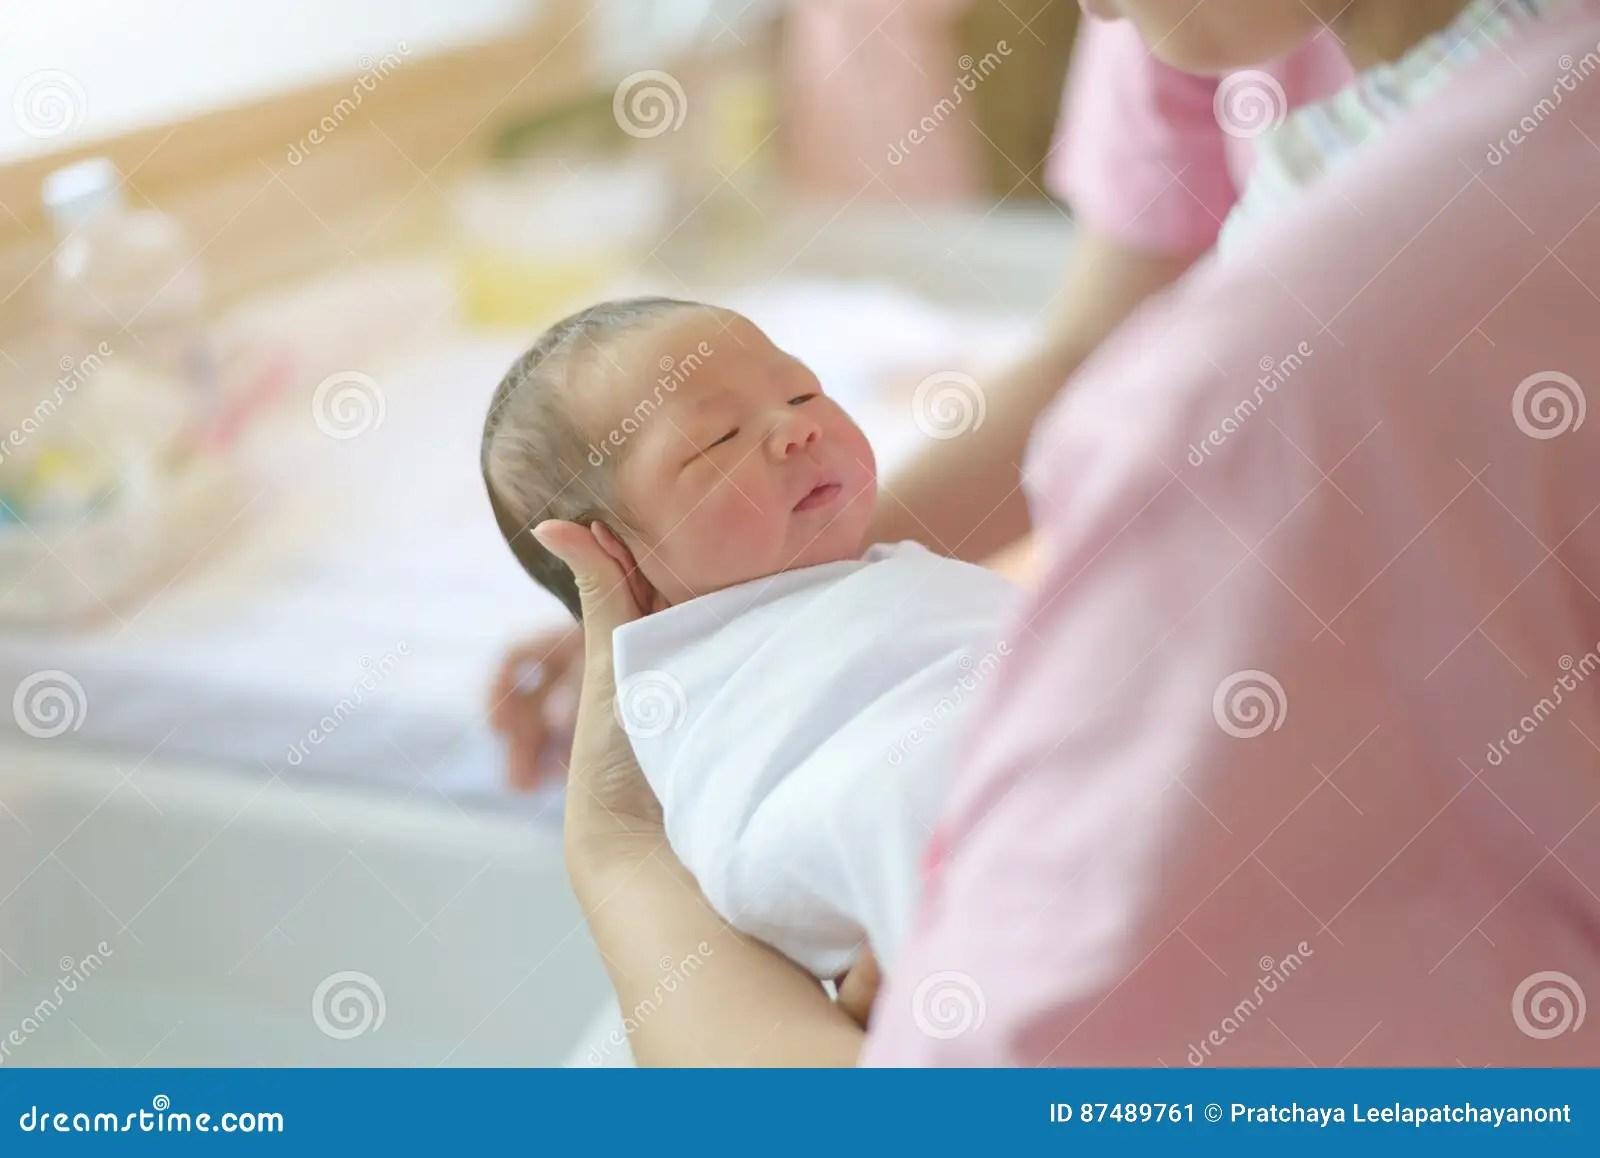 Bano Recien Nacido Excellent Un Beb Recin Nacido Nia